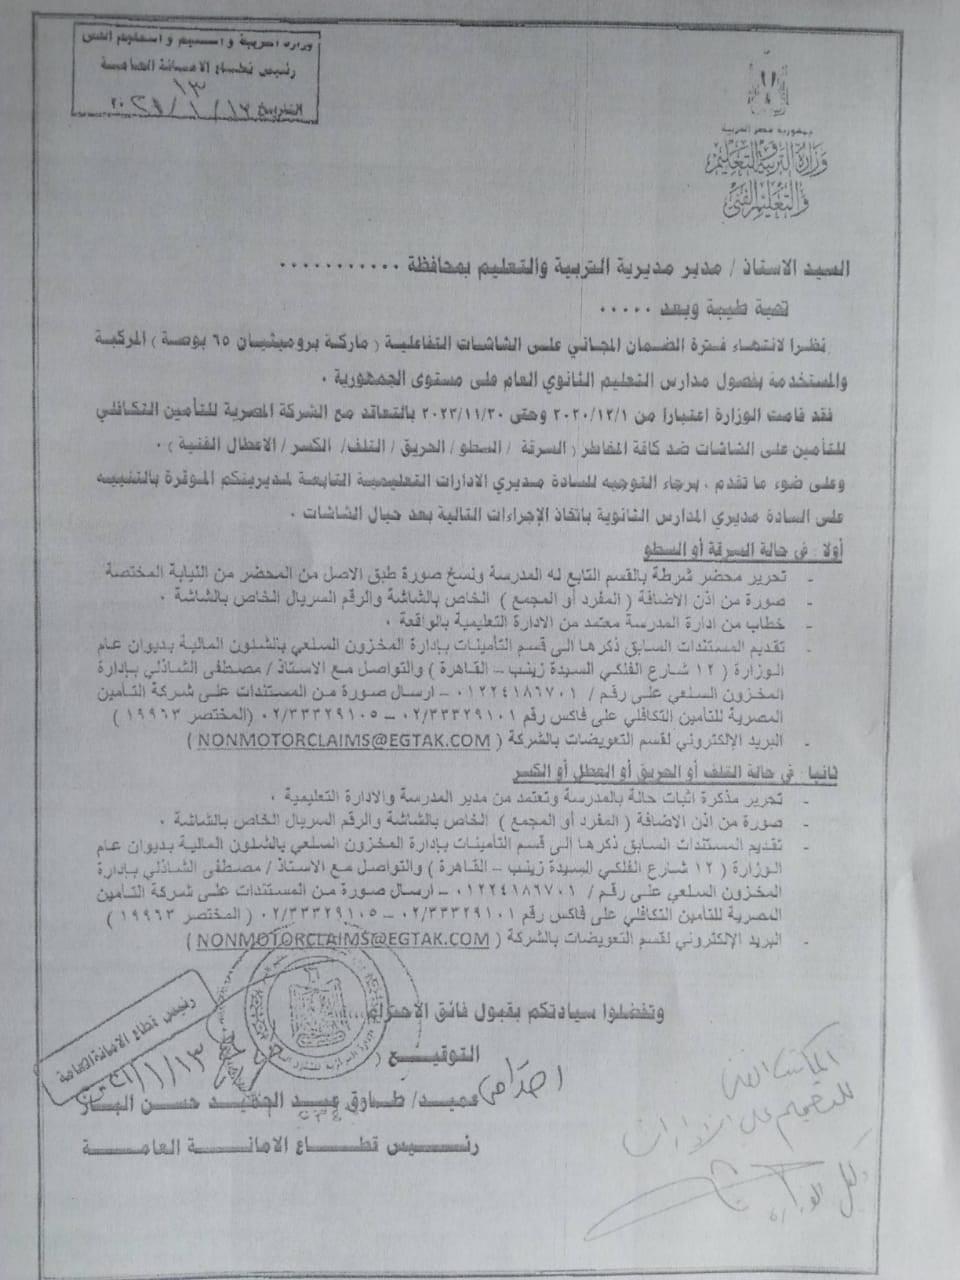 تعليمات هامة من وزارة التربية والتعليم بشأن الشاشات التفاعلية بالمدارس الثانوية 813